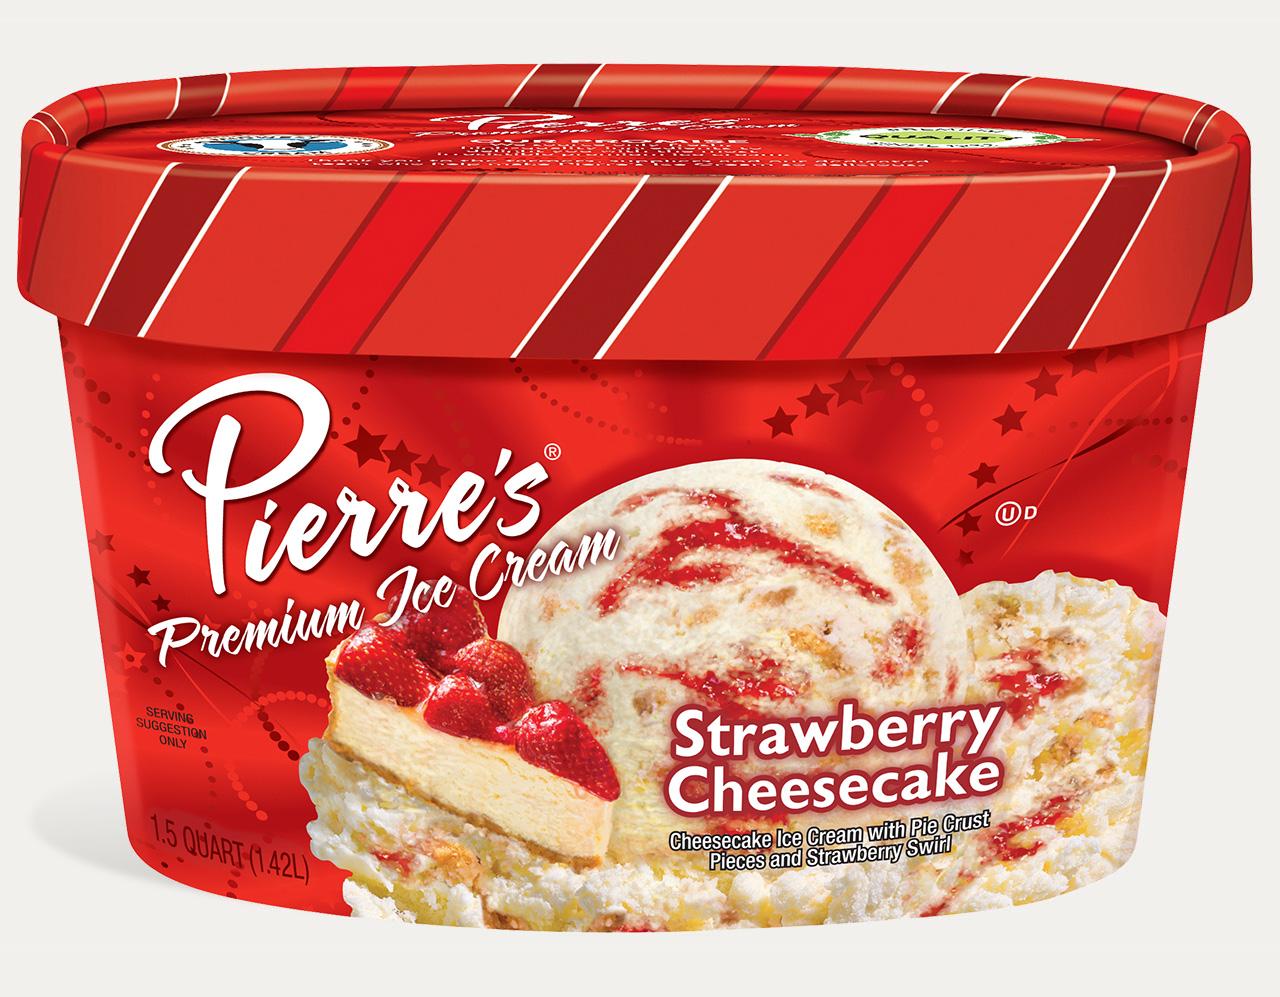 Pierreu0027s Ice Cream Premium